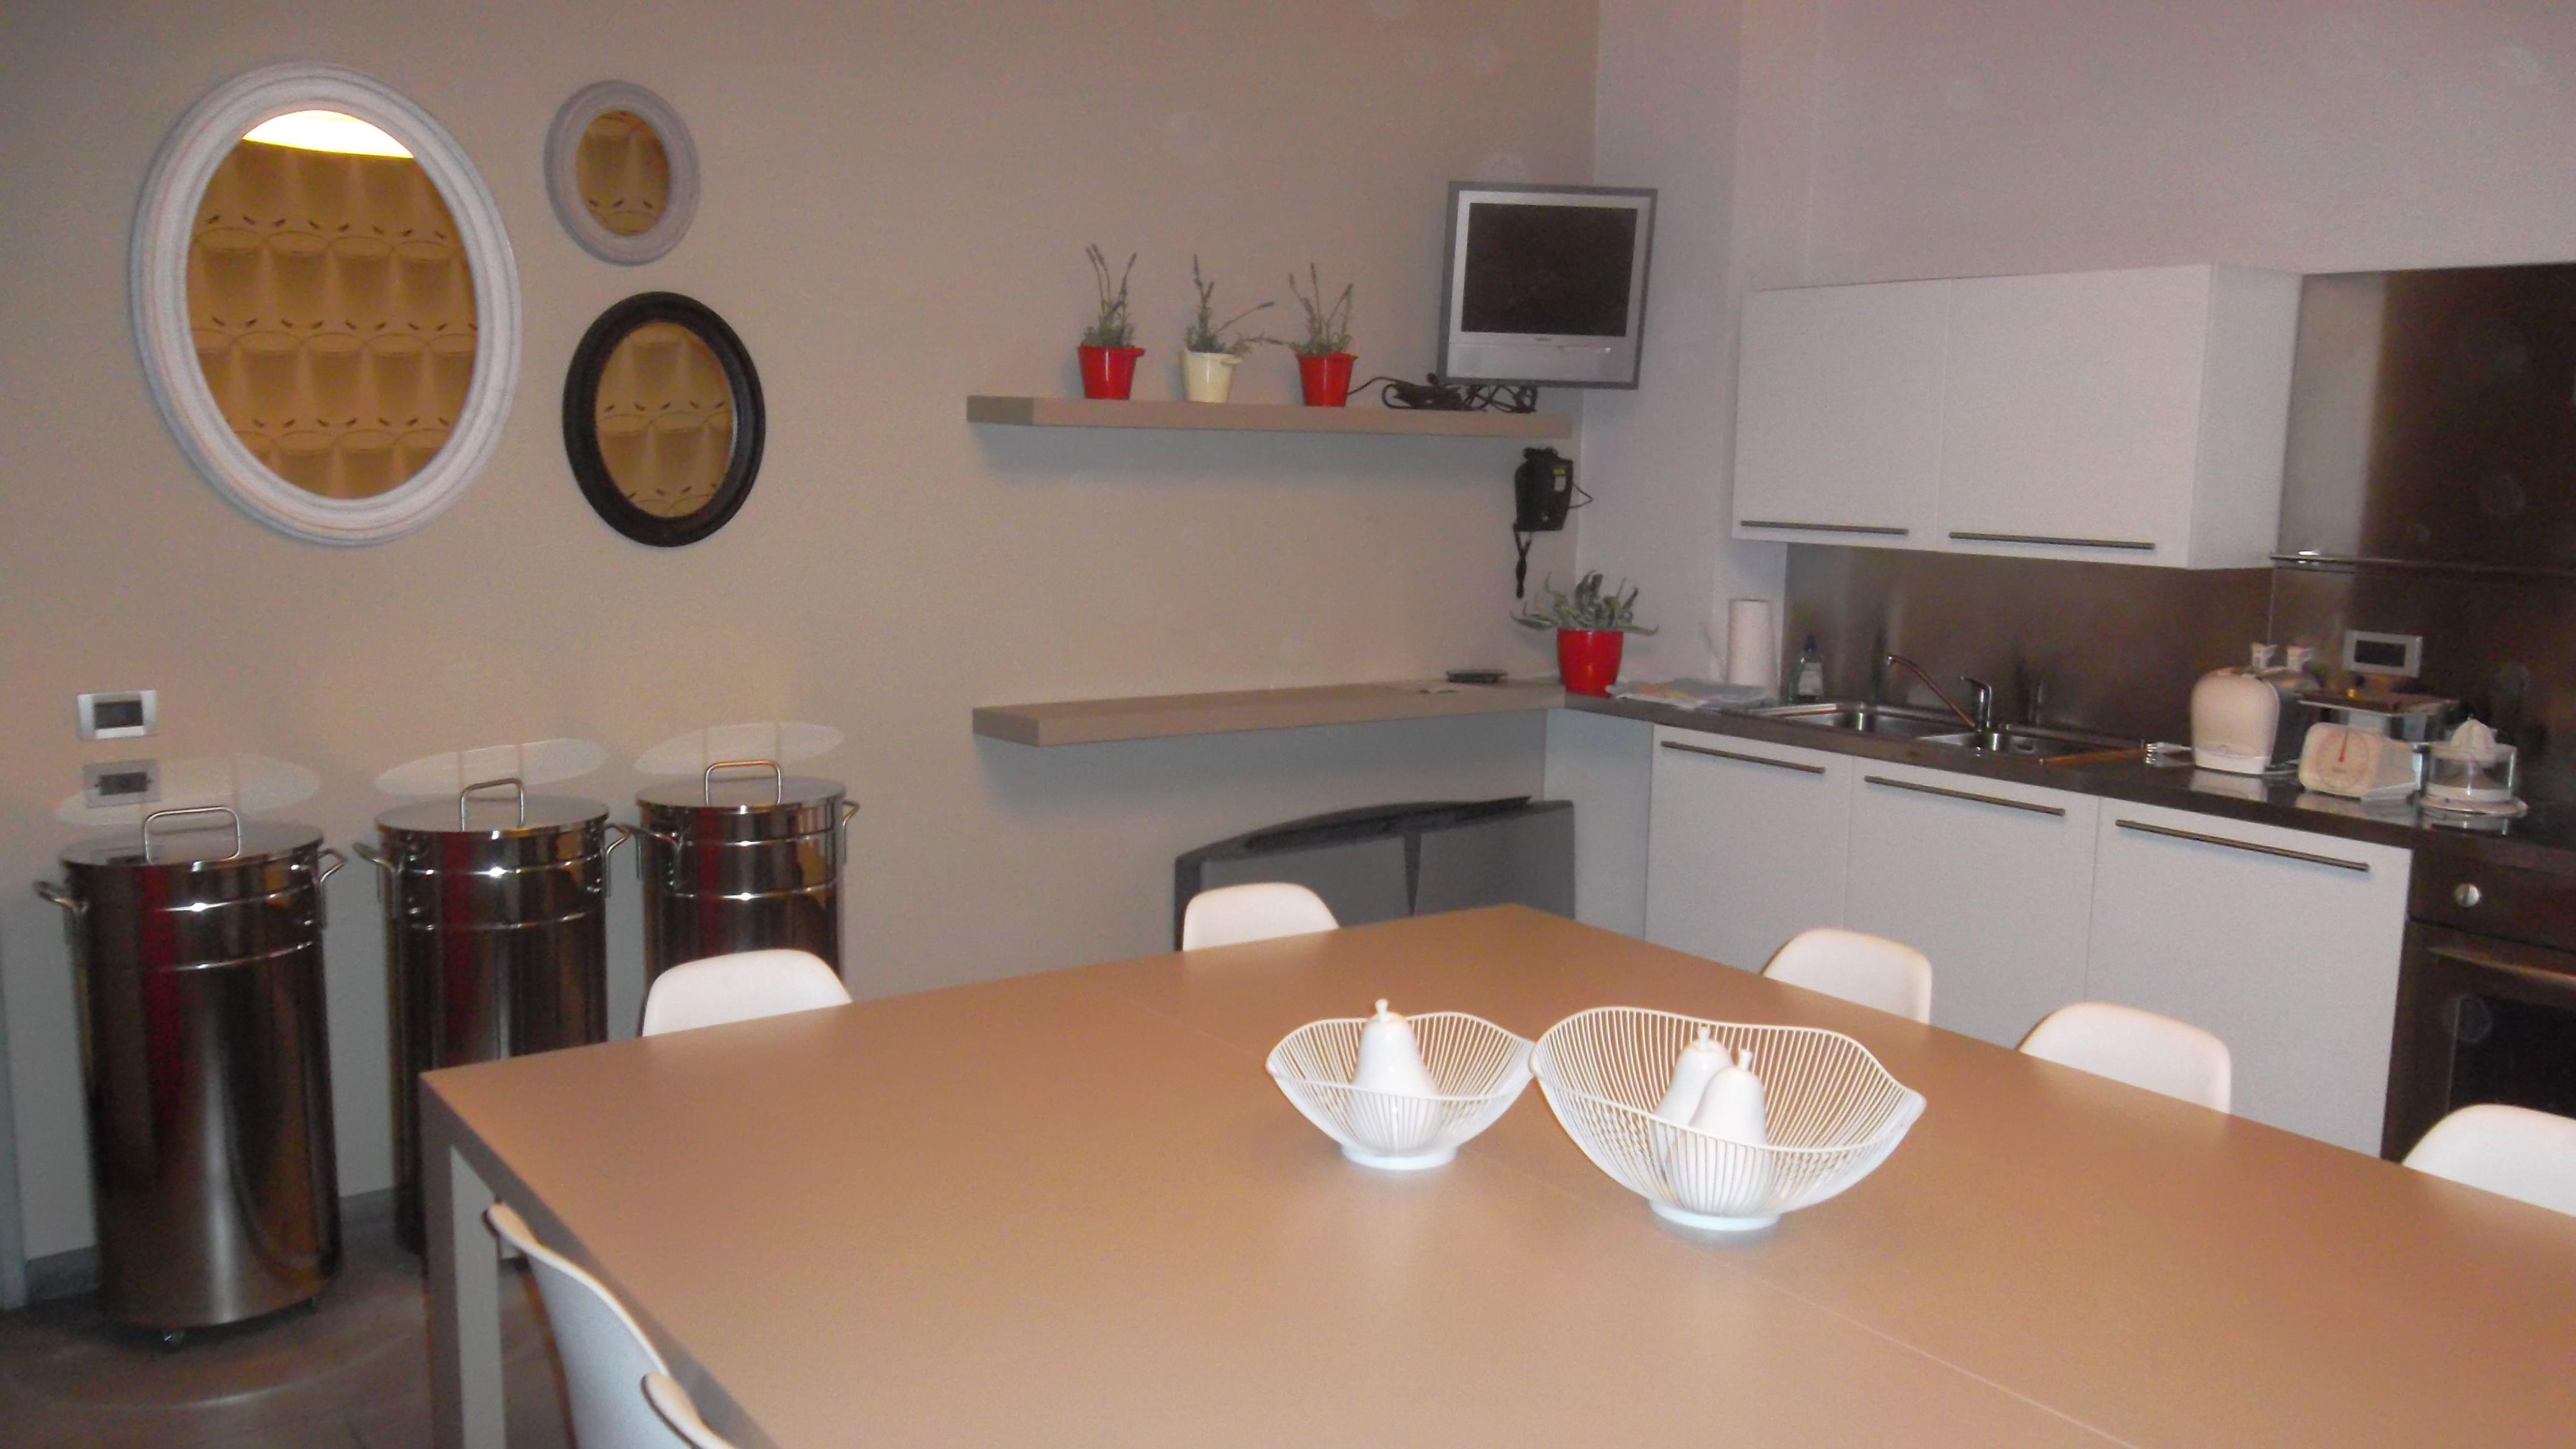 BEAUTY AND DESIGN cucina realizzata con pensili bianchi su ...